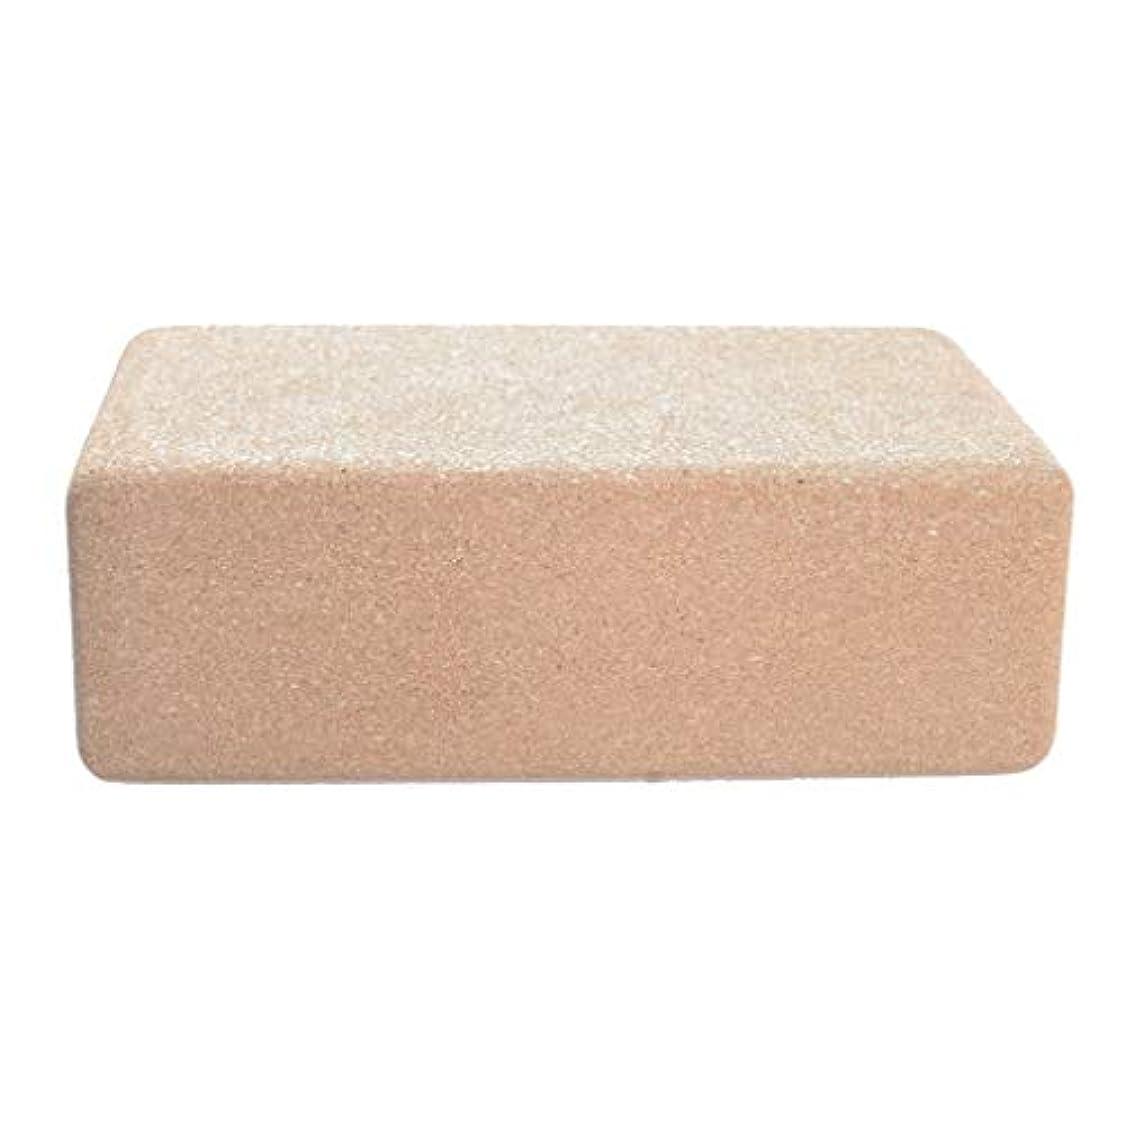 始める土曜日組KOROWA バックサポート ヨガ初心者 ブロックソフト 木製 ノンスリップ 臭気耐性防湿 ブロックレンガ